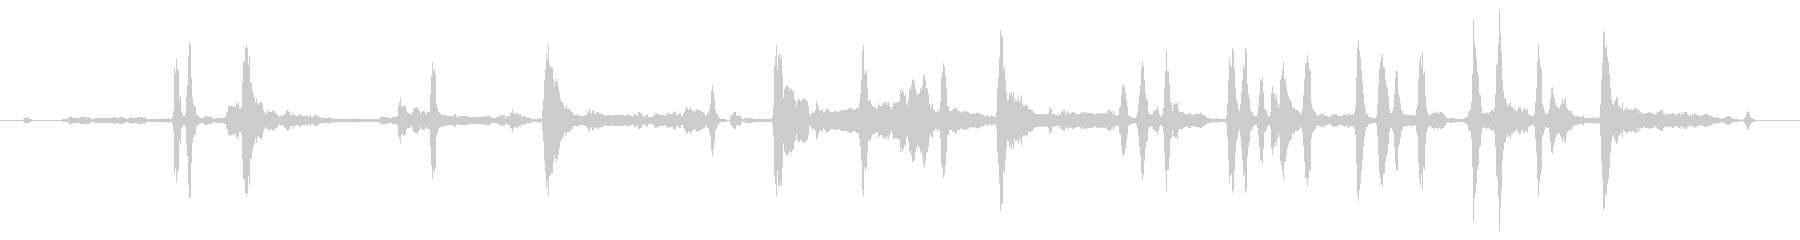 シベリアンハスキー:内線:中群、激...の未再生の波形